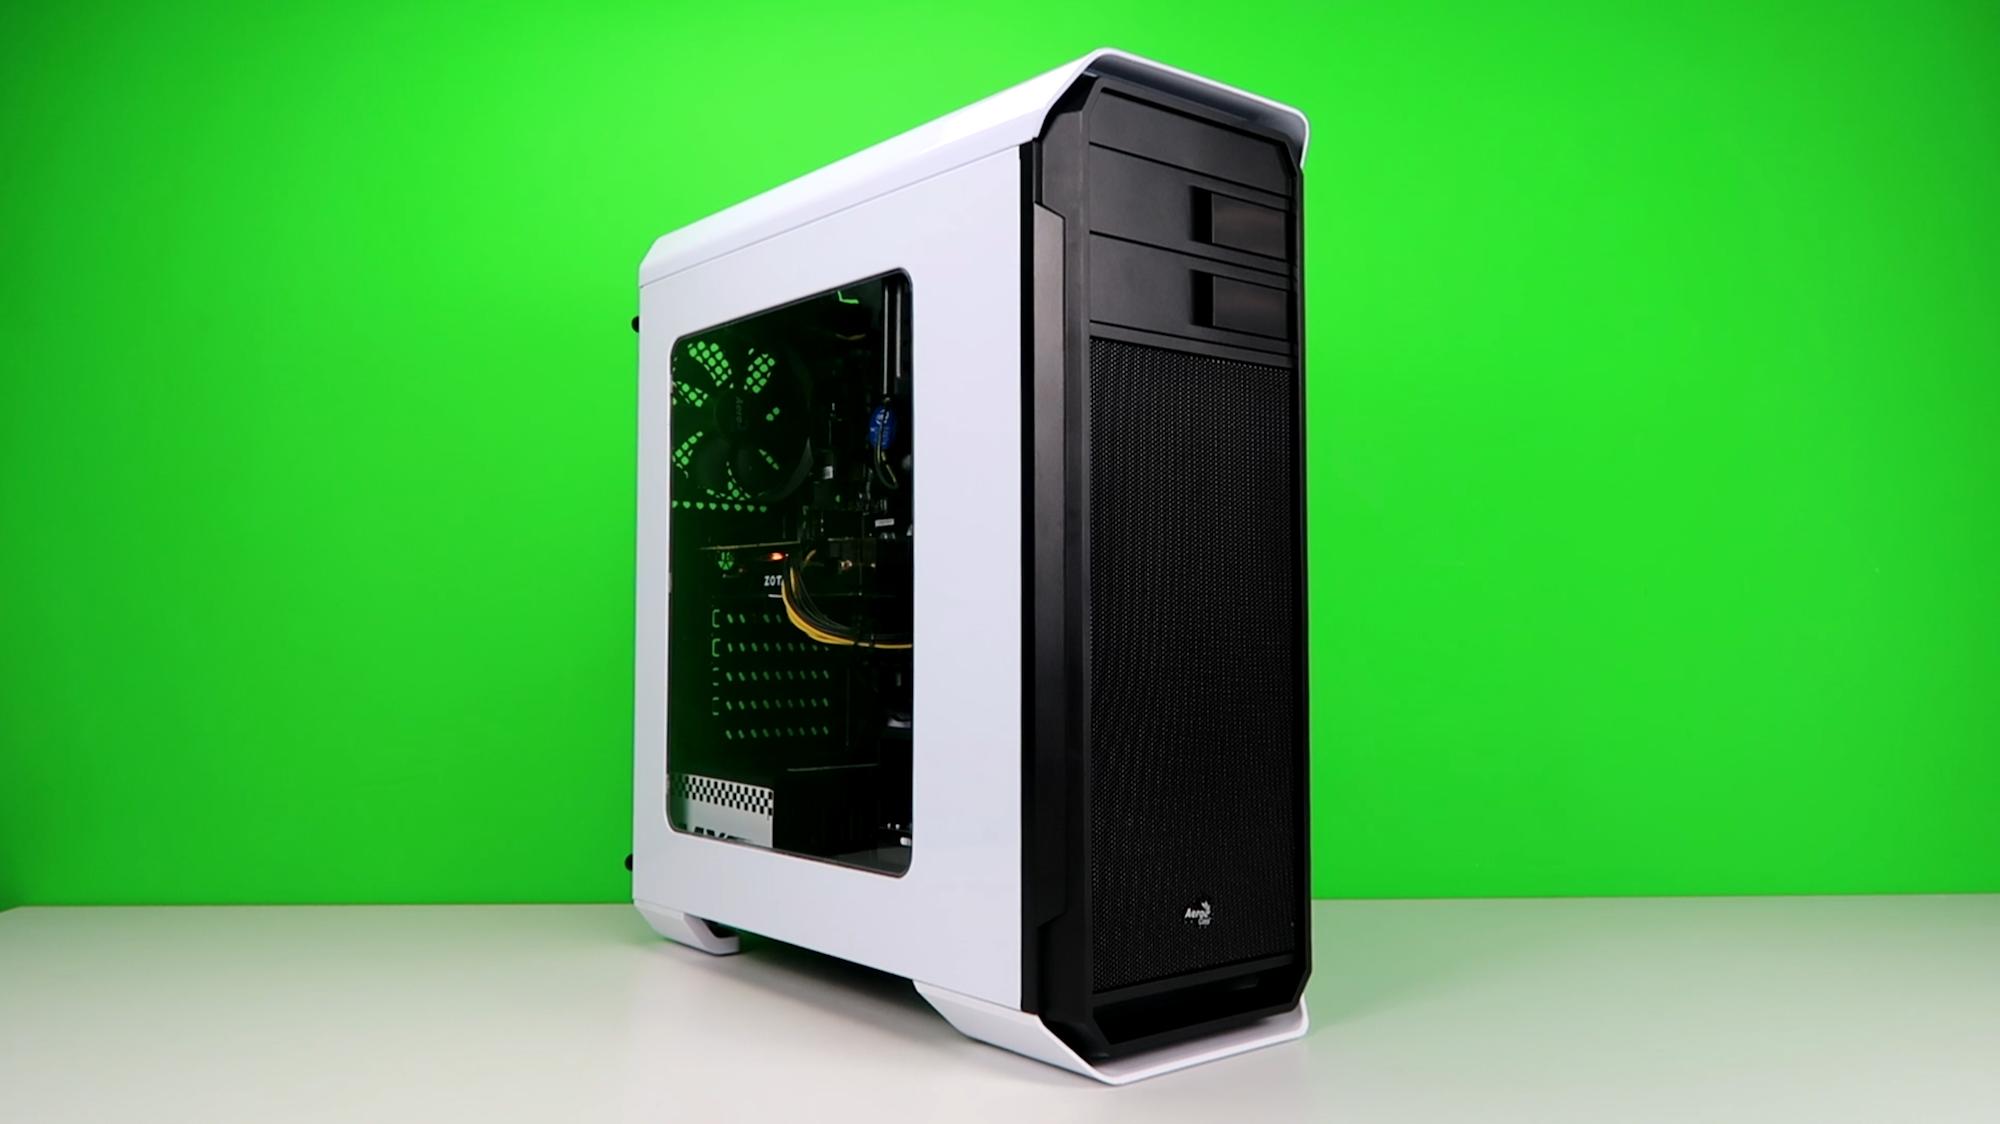 Un PC da 1000 euro per giocare